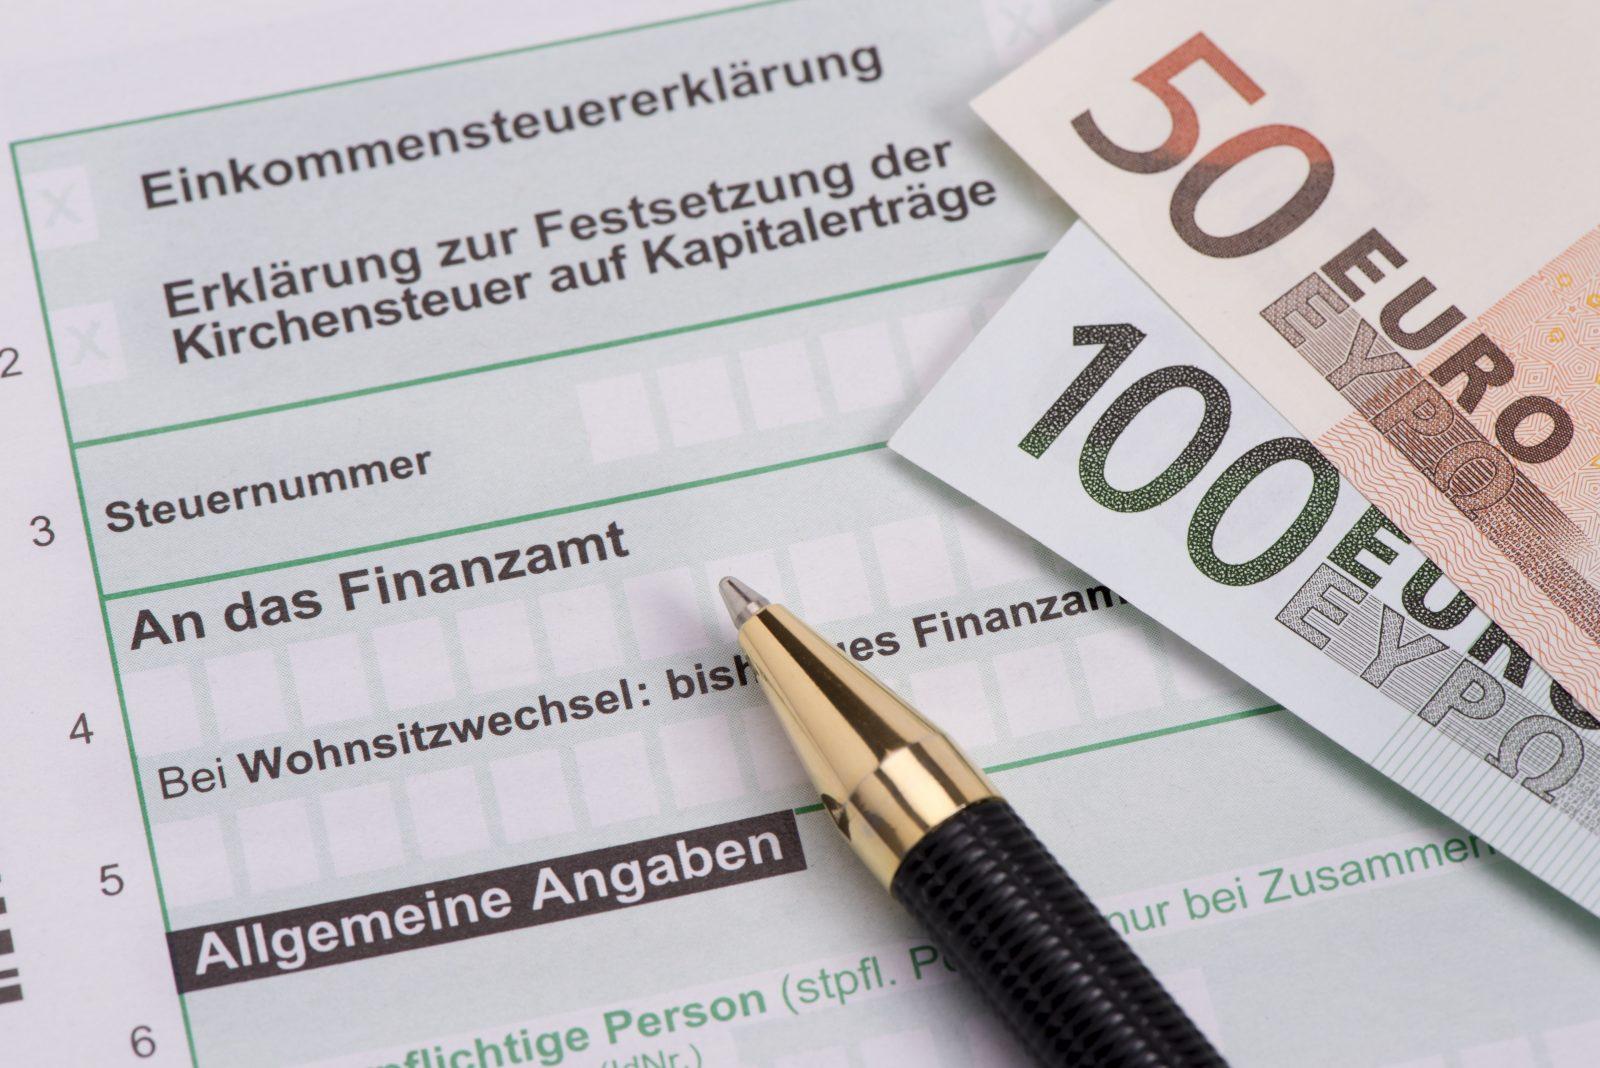 Kirchensteuer auf der Einkommenserklärung für das Finanzamt.